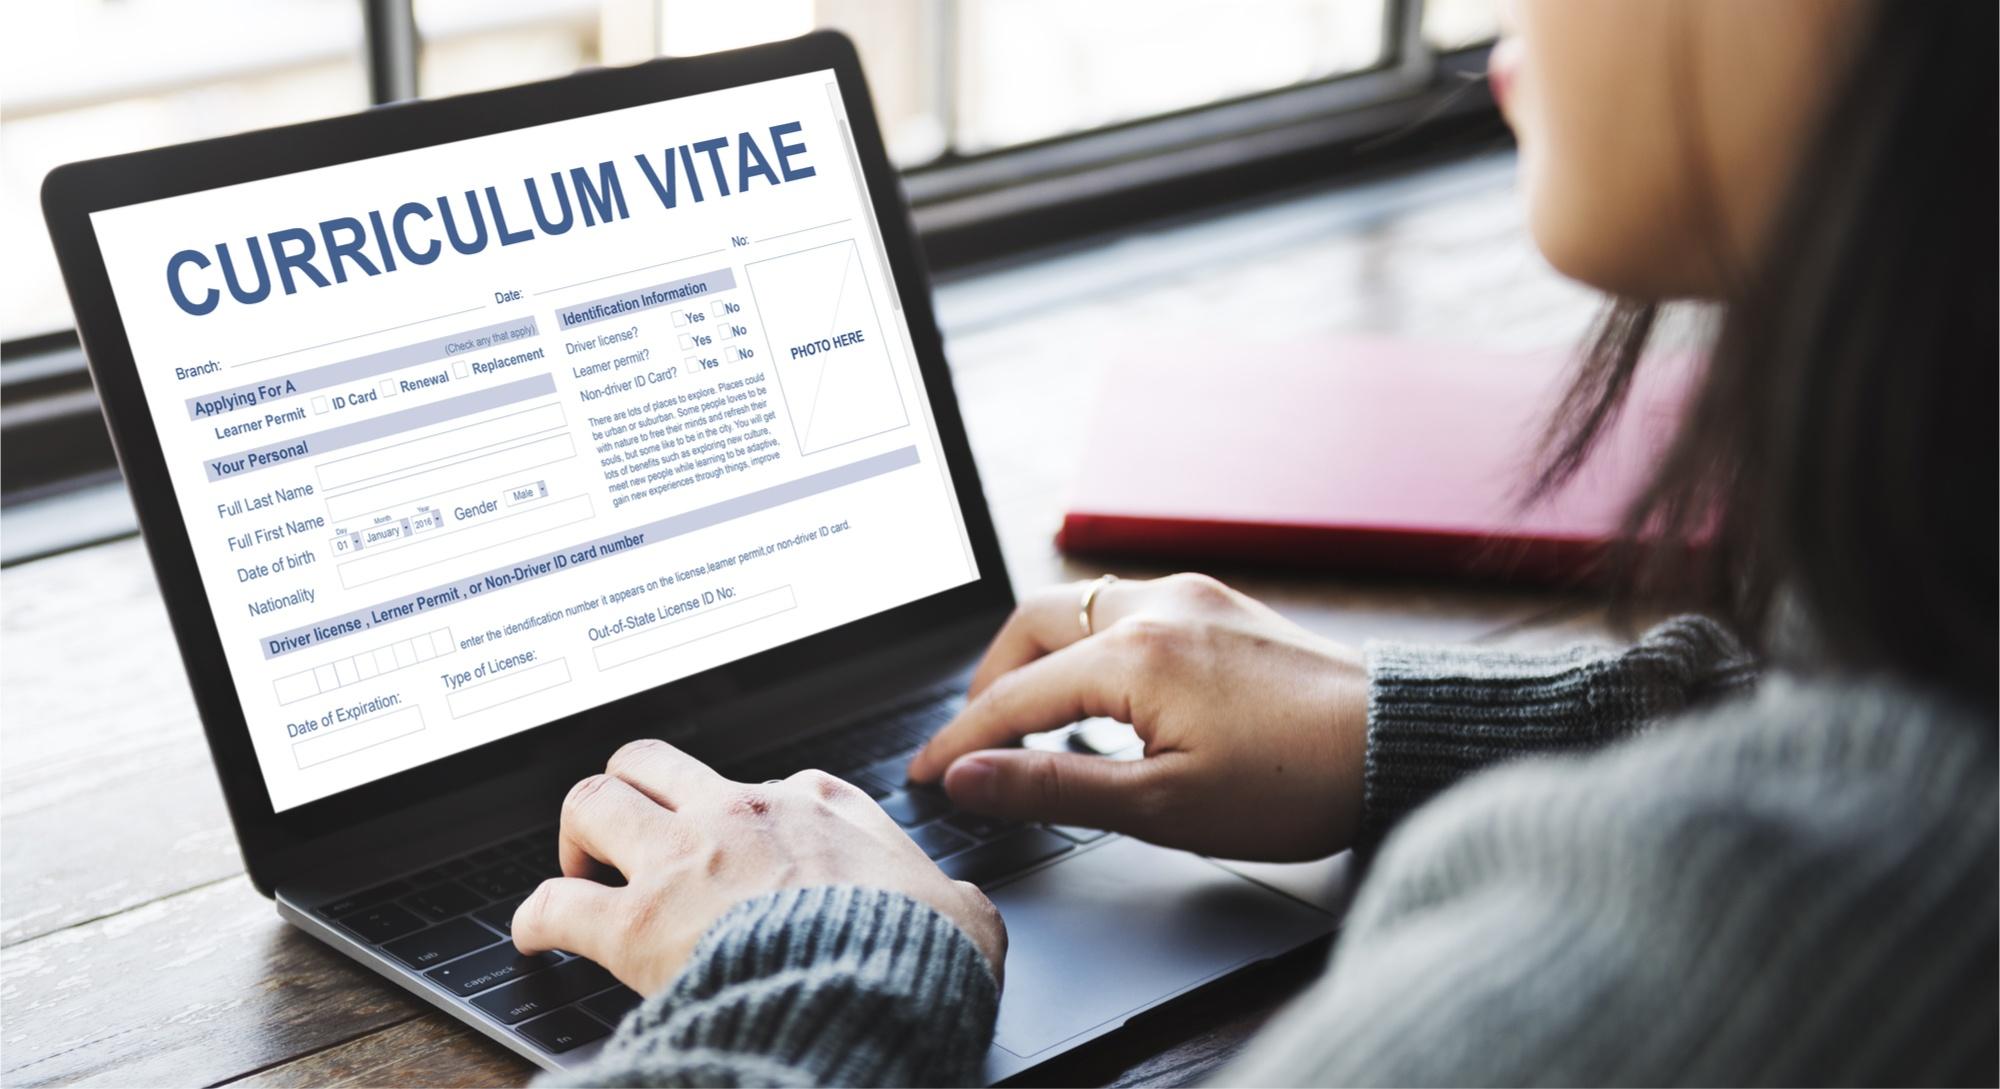 Cinco signos que indican que tu currículum necesita actualizarse